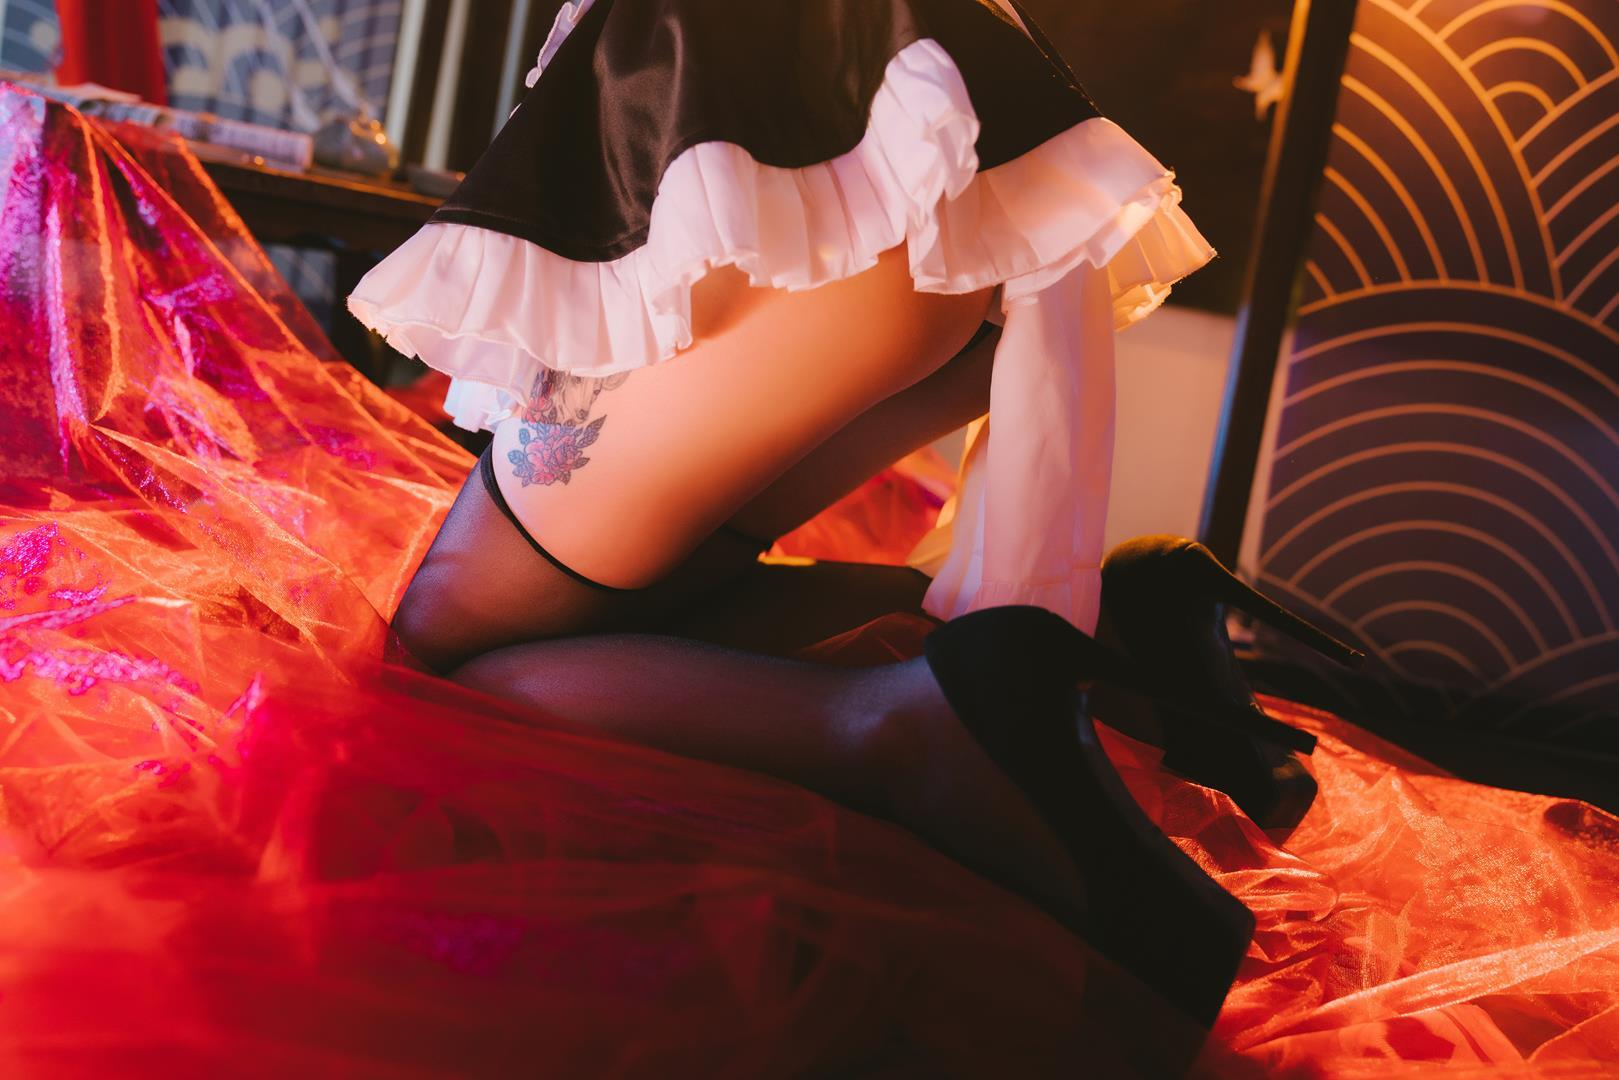 长腿黑丝与翘臀 可以腿玩年的女仆装酒吞童子COS套图插图(39)